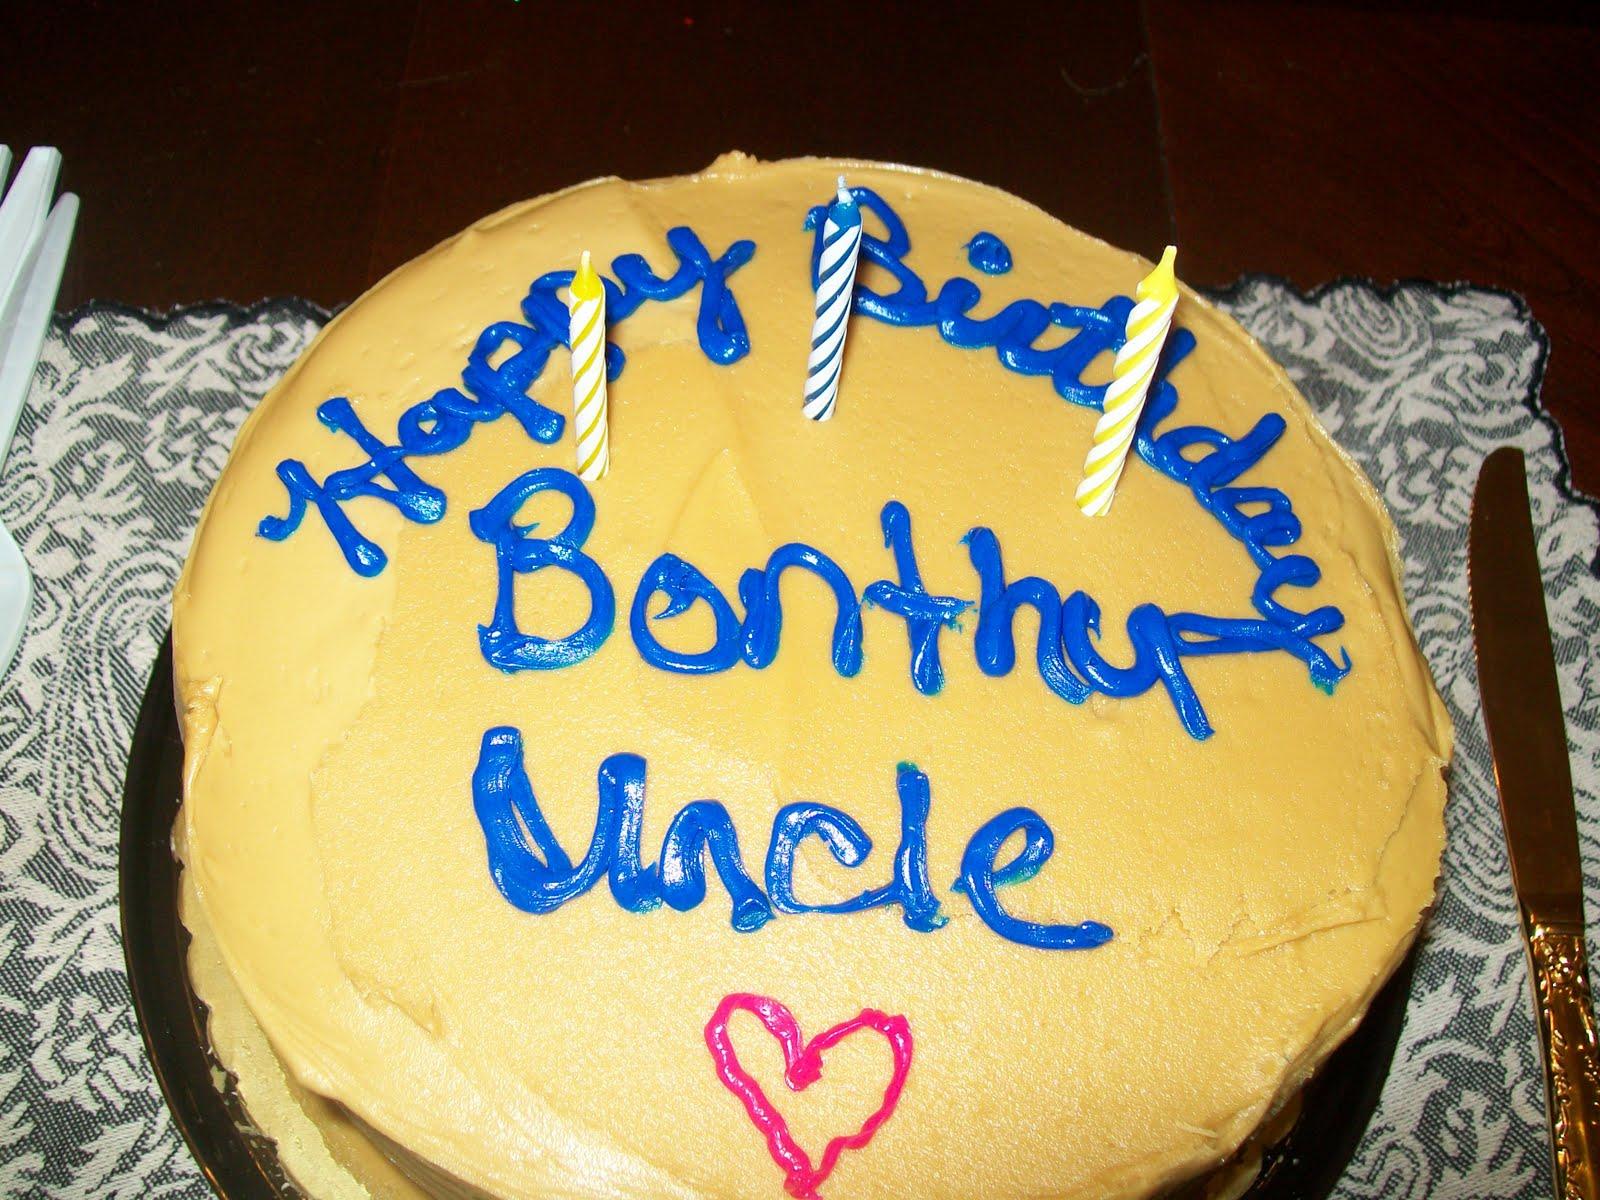 Bonthu Nagi Reddys Blog Bonthu Nagi Reddy Birthday Celebration